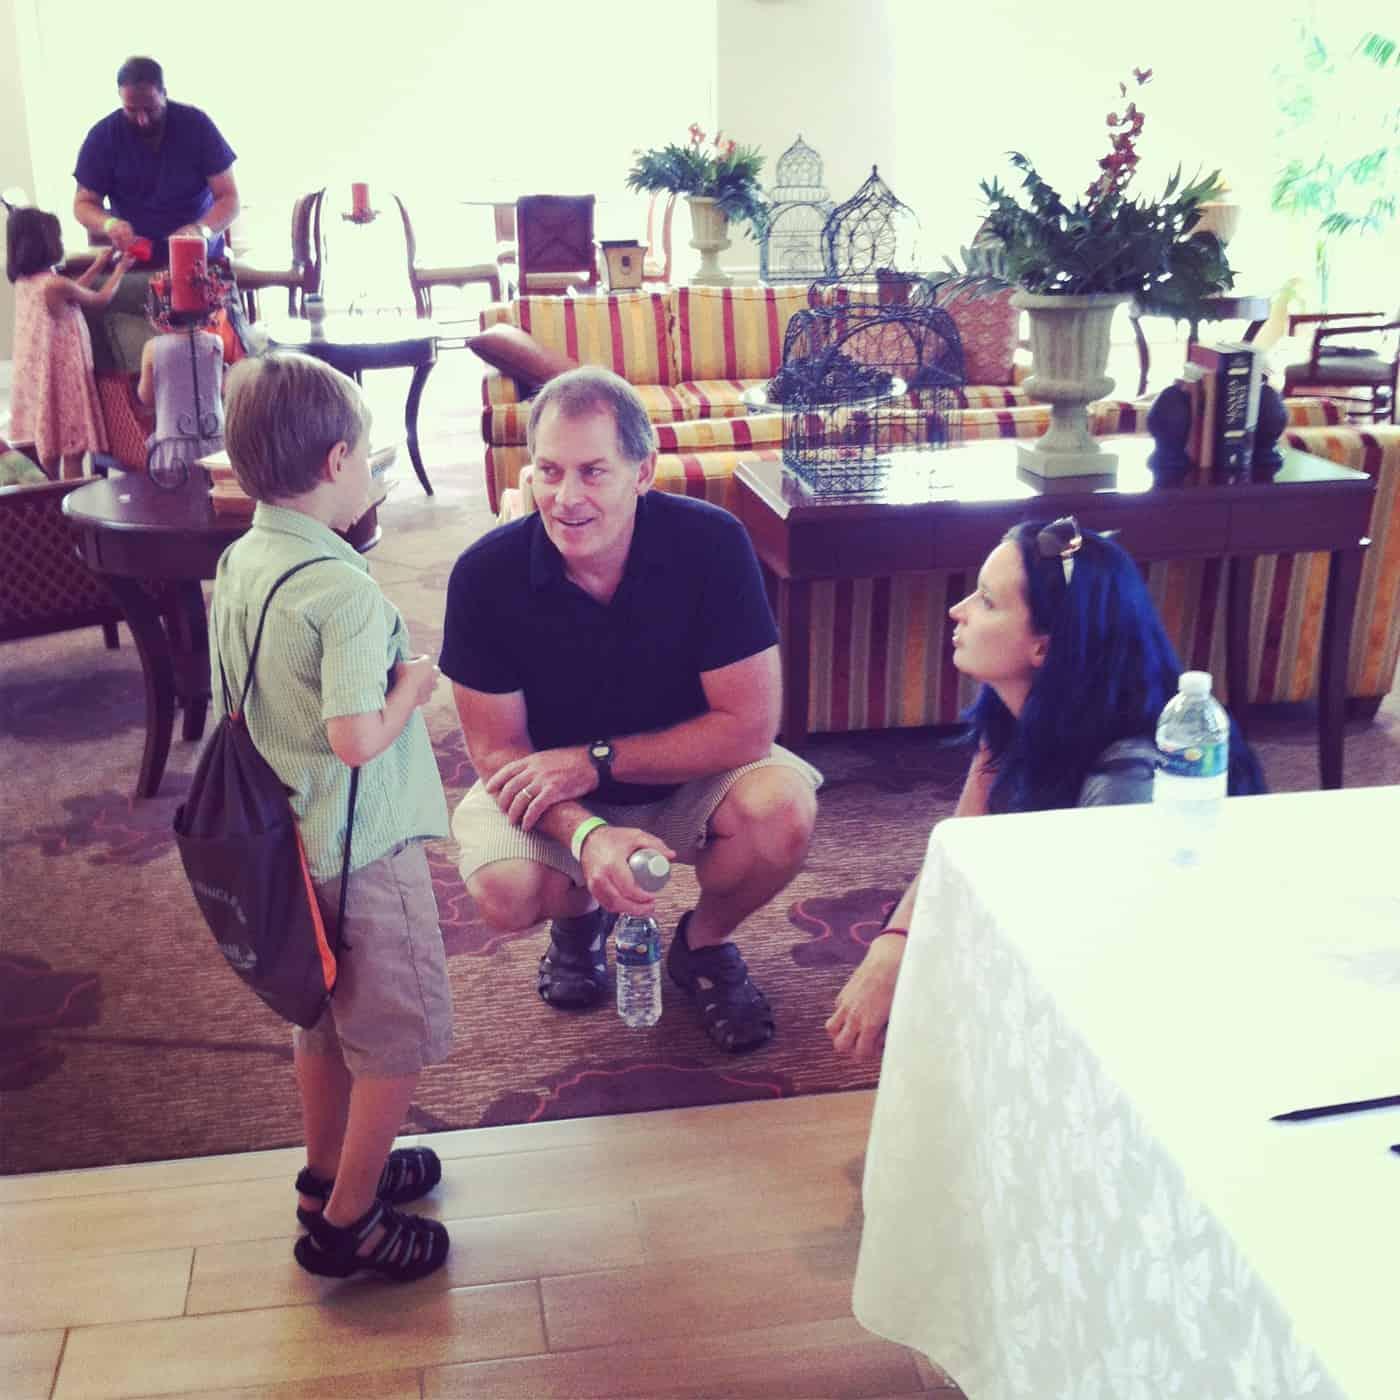 Making Family Memories at Hersheypark in Pennsylvania